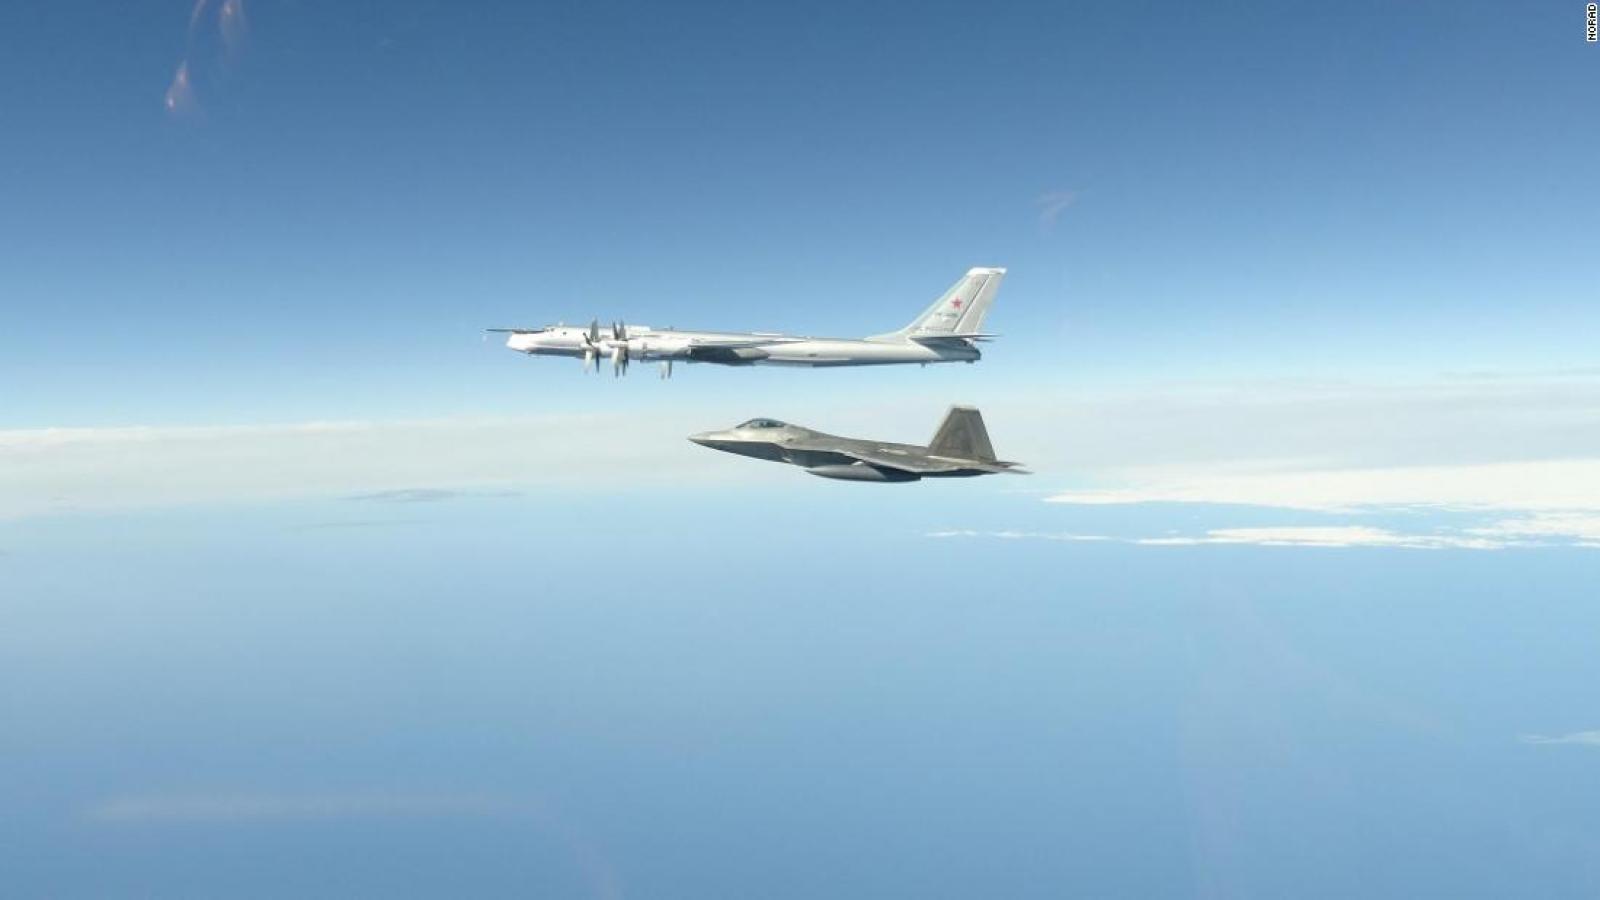 Tiêm kích Mỹ chặn 4 trinh sát cơ săn ngầm Tu-142 của Nga gần Alaska